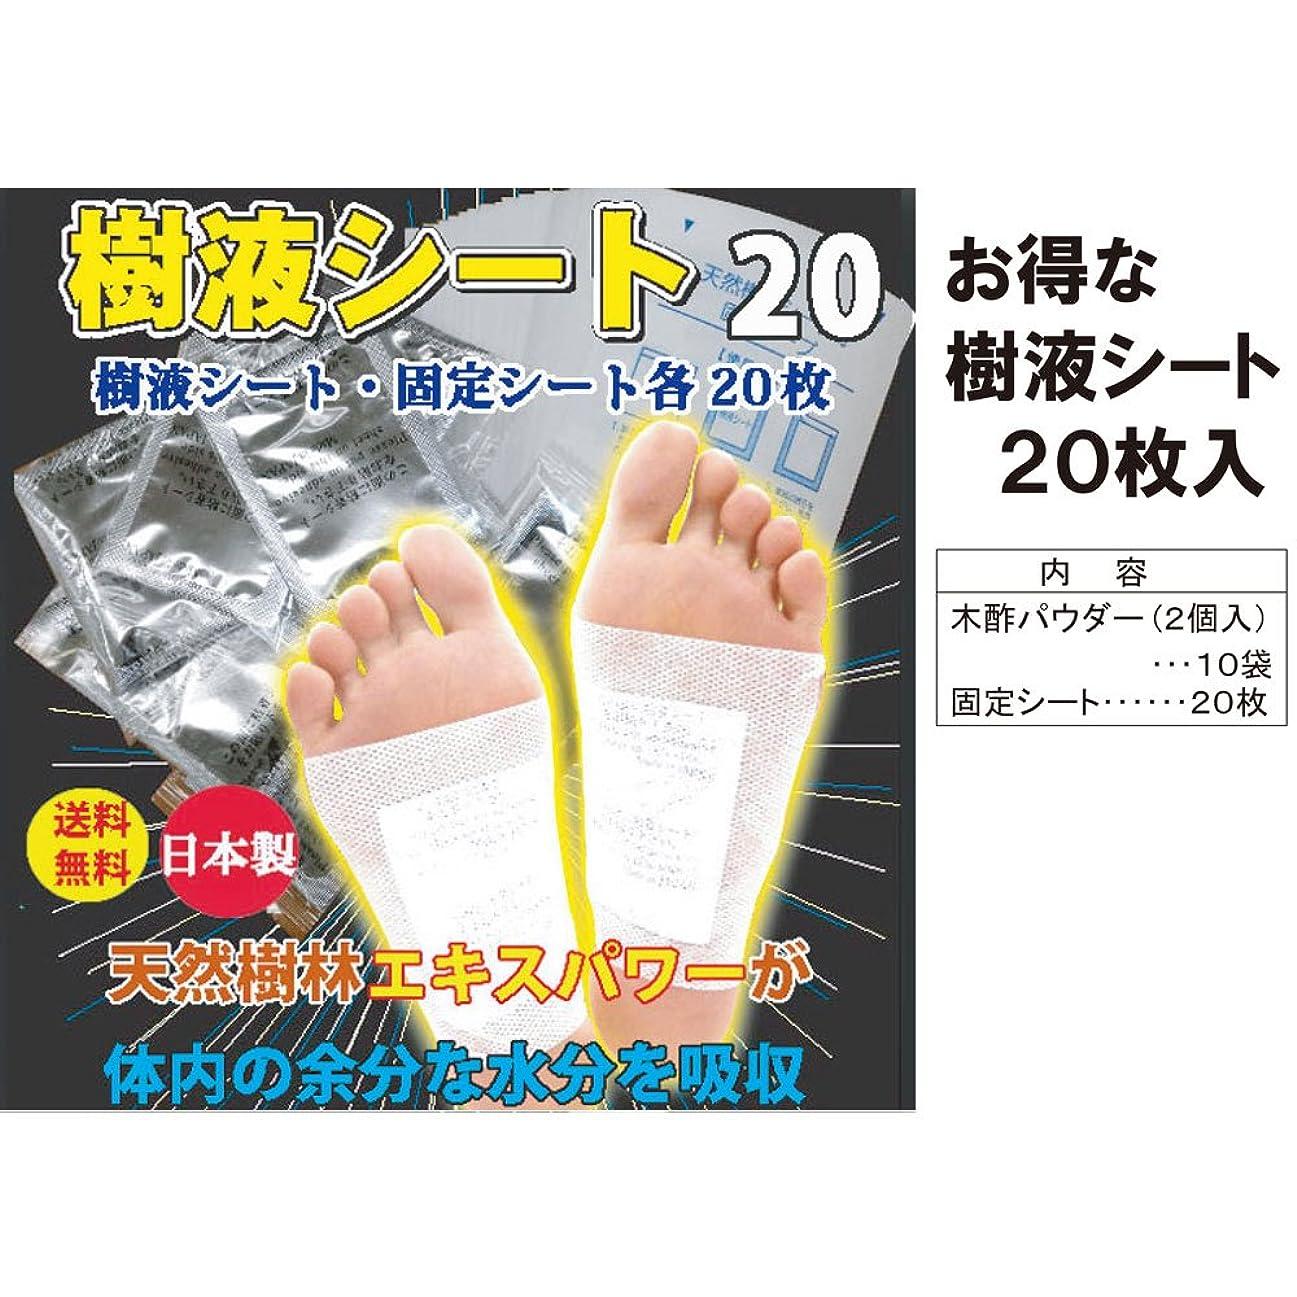 収束する遺伝的ビームM&Sジャパン 日本製 足裏樹液シート200枚 20枚入り10個セット 足裏 シート お徳用 健康 グッズ 足ツボ